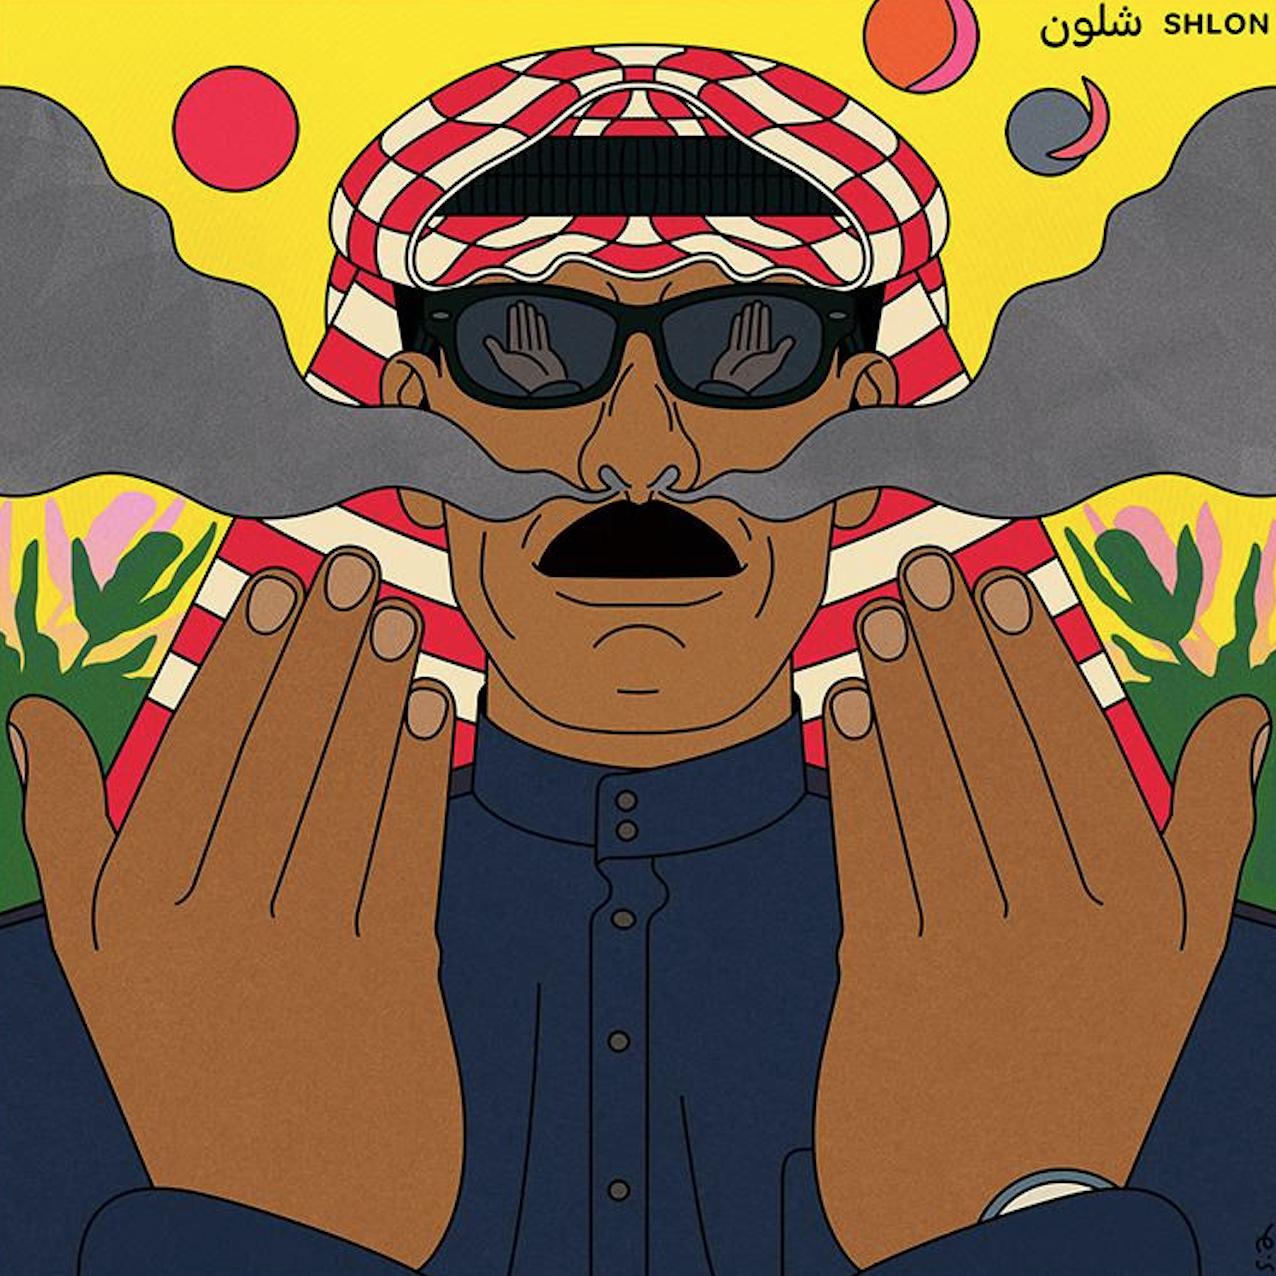 Omar Souleyman Shlon Album Artwork